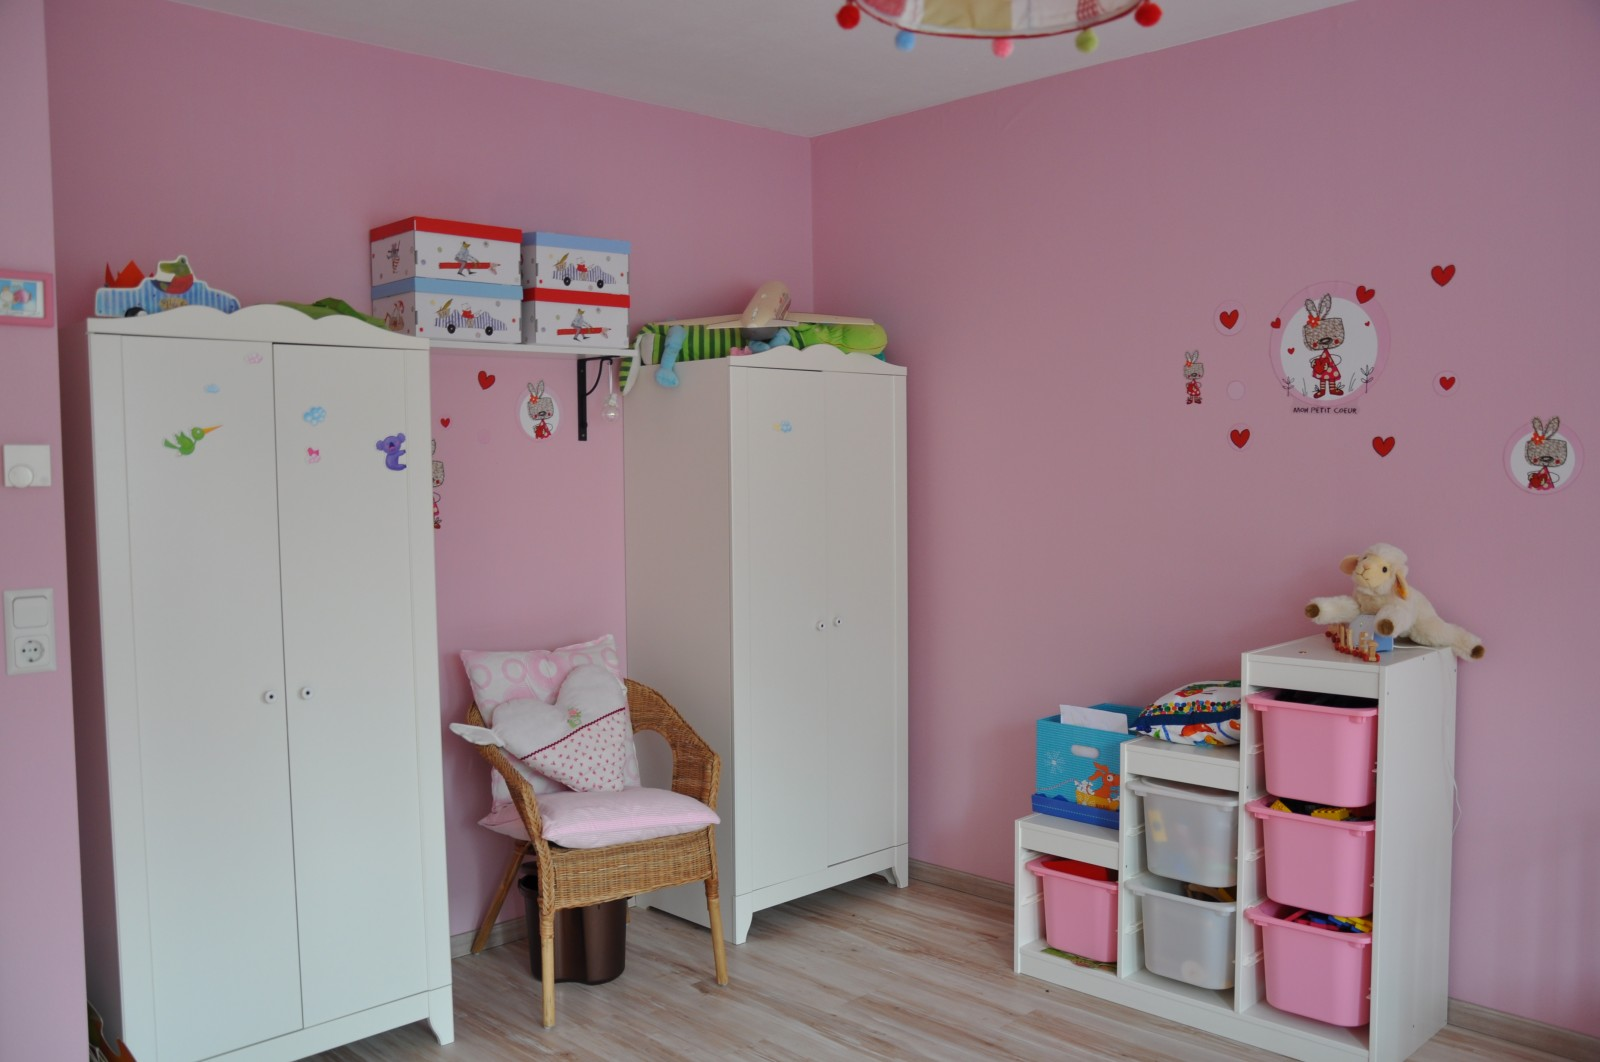 Kinderzimmer 39 kleinkindtraum in rosa 39 unser kleines for Kinderzimmer rosa